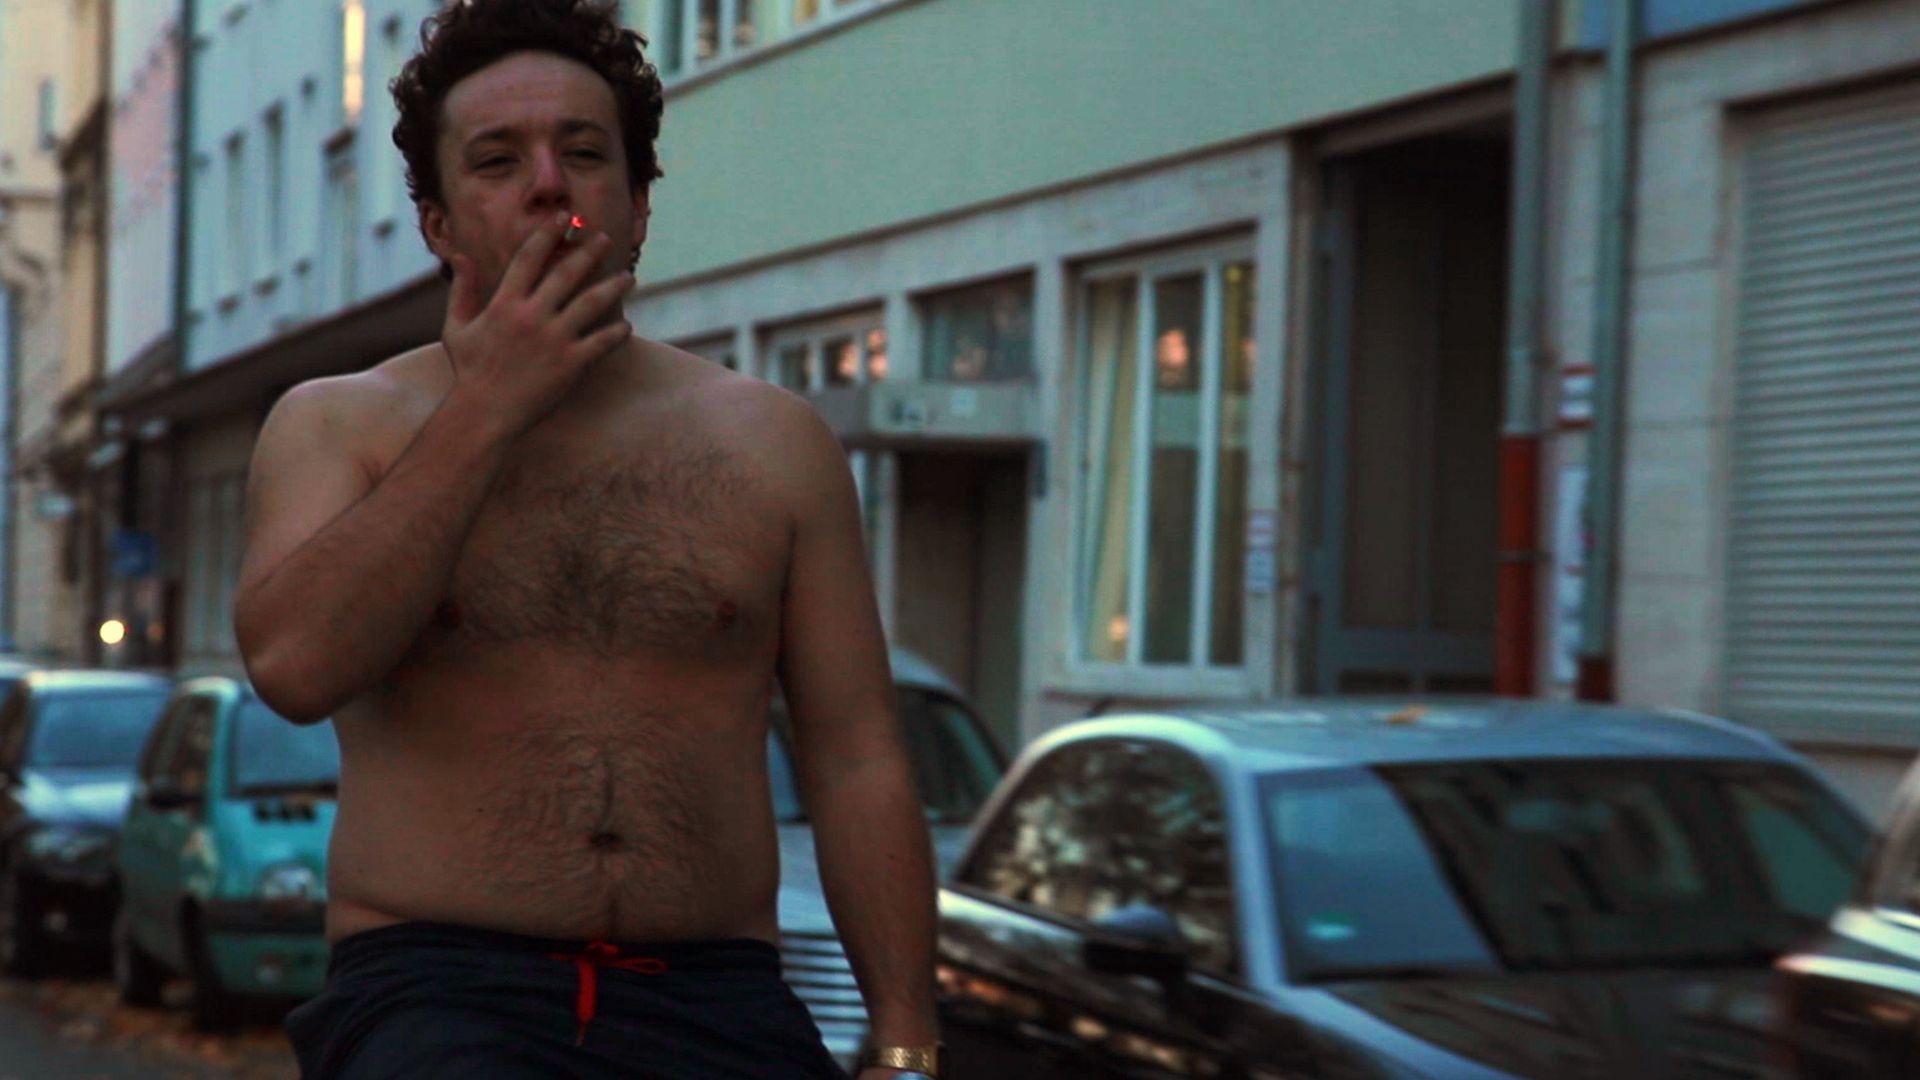 """Szene aus """"Fett und Fett, Folge 1: Alles okay"""": Jaksch (Jakob Schreier) fährt rauchend und mit nacktem Oberkörper auf einem Fahrrad eine Straße entlang."""